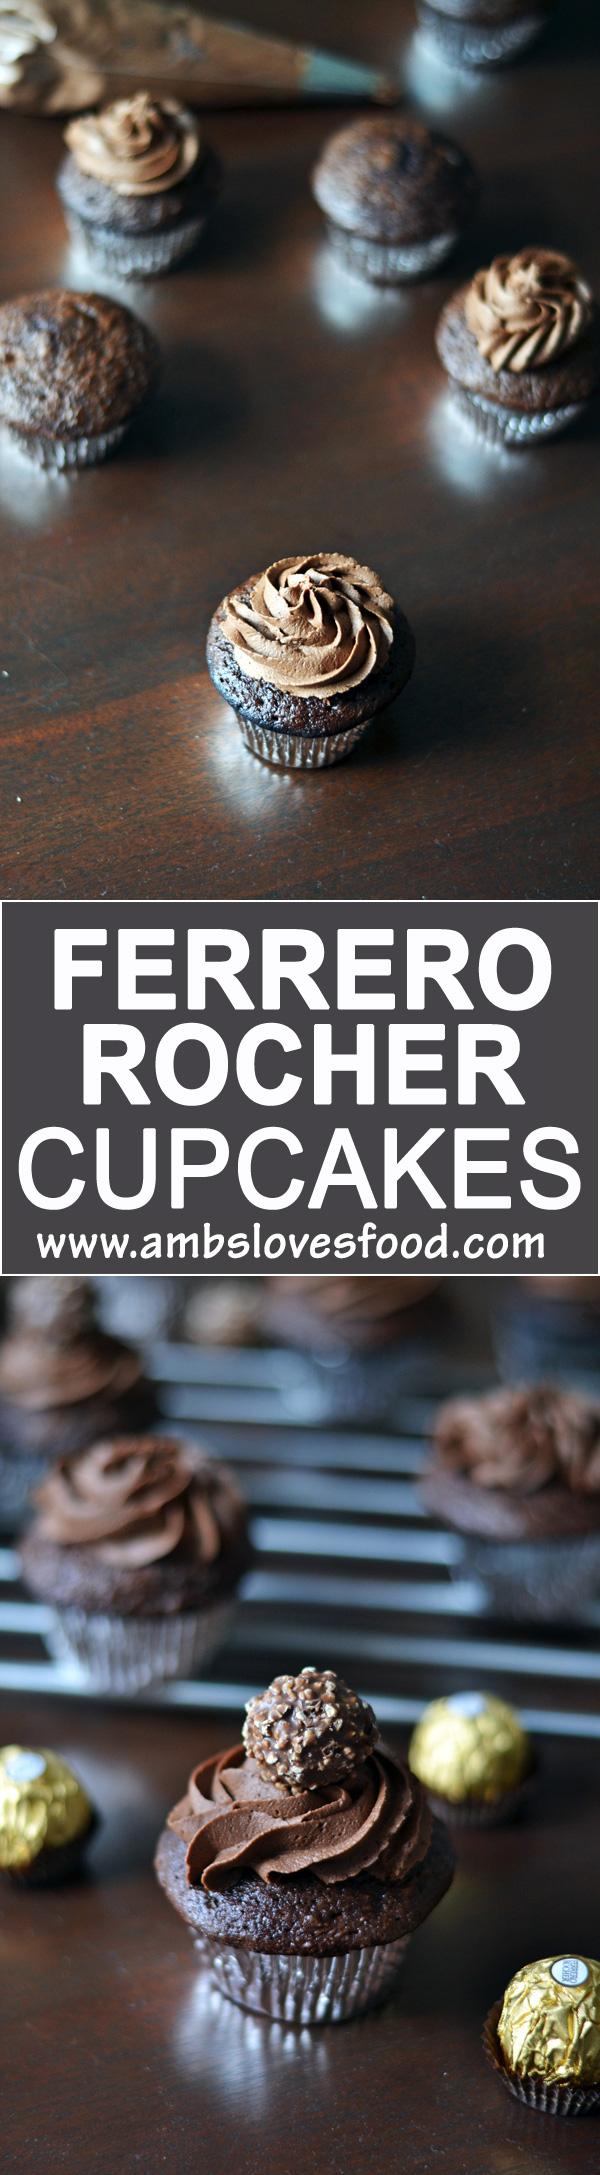 ferrero-rocher-cupcakes-pin